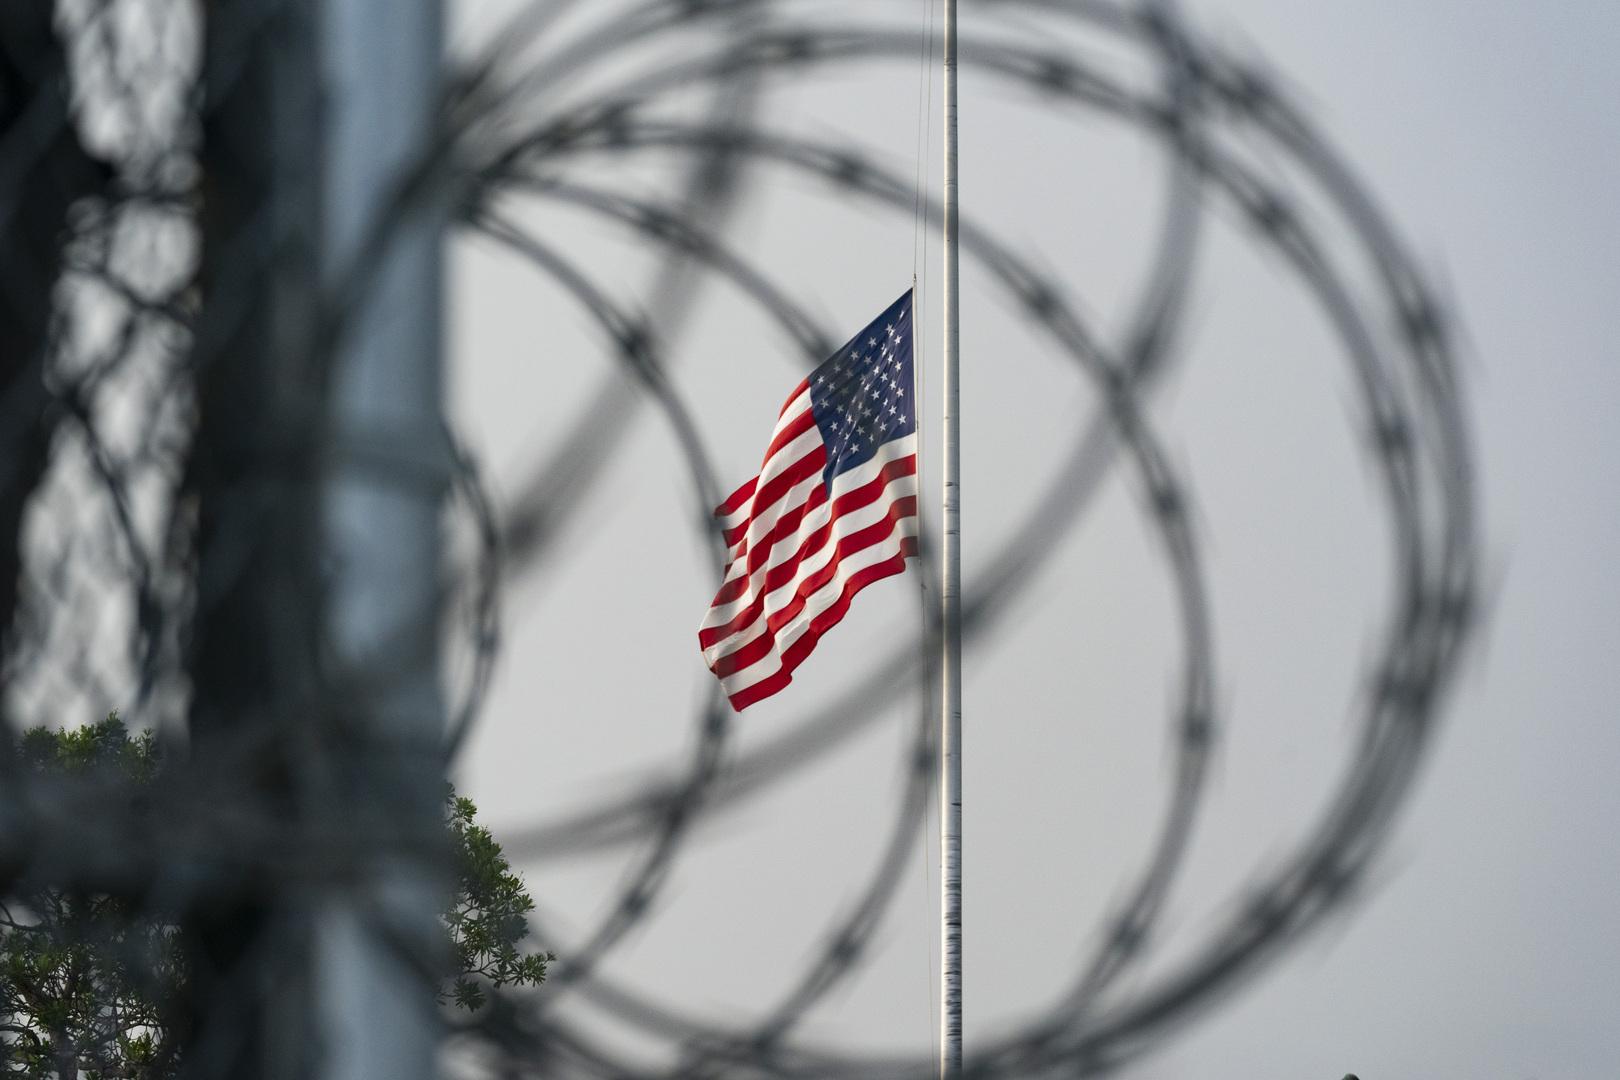 الولايات المتحدة.. محاكمة سوري خطط لتفجير كنيسة دعما لـ